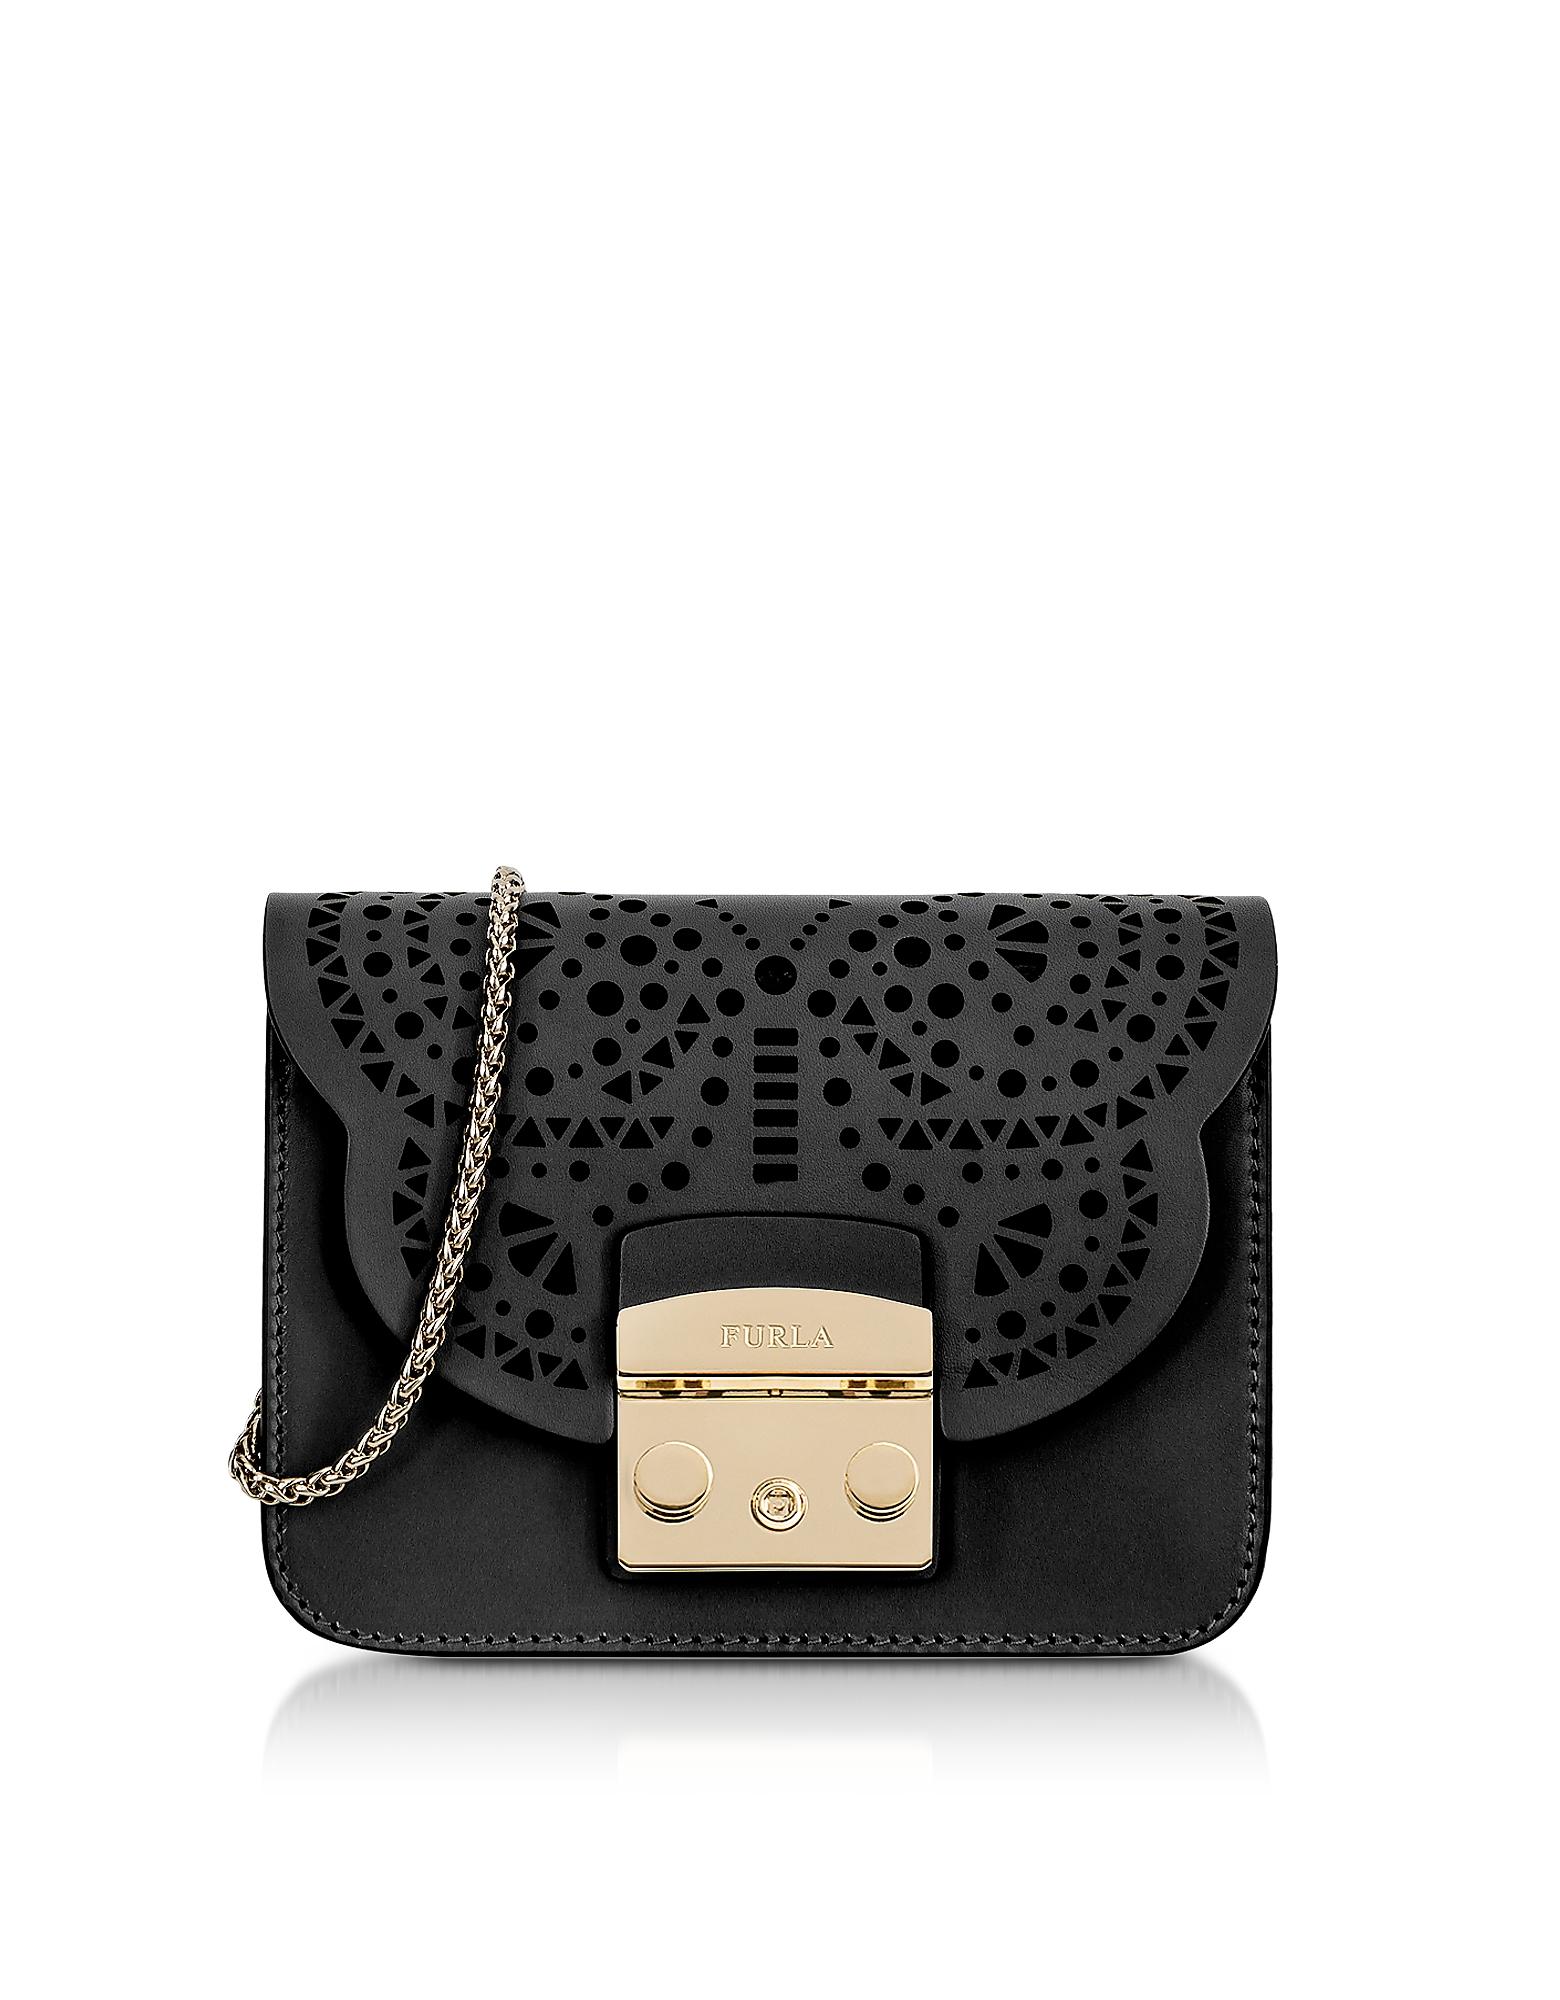 Furla Handbags, Onyx Metropolis Mini Bolero Crossbody Bag